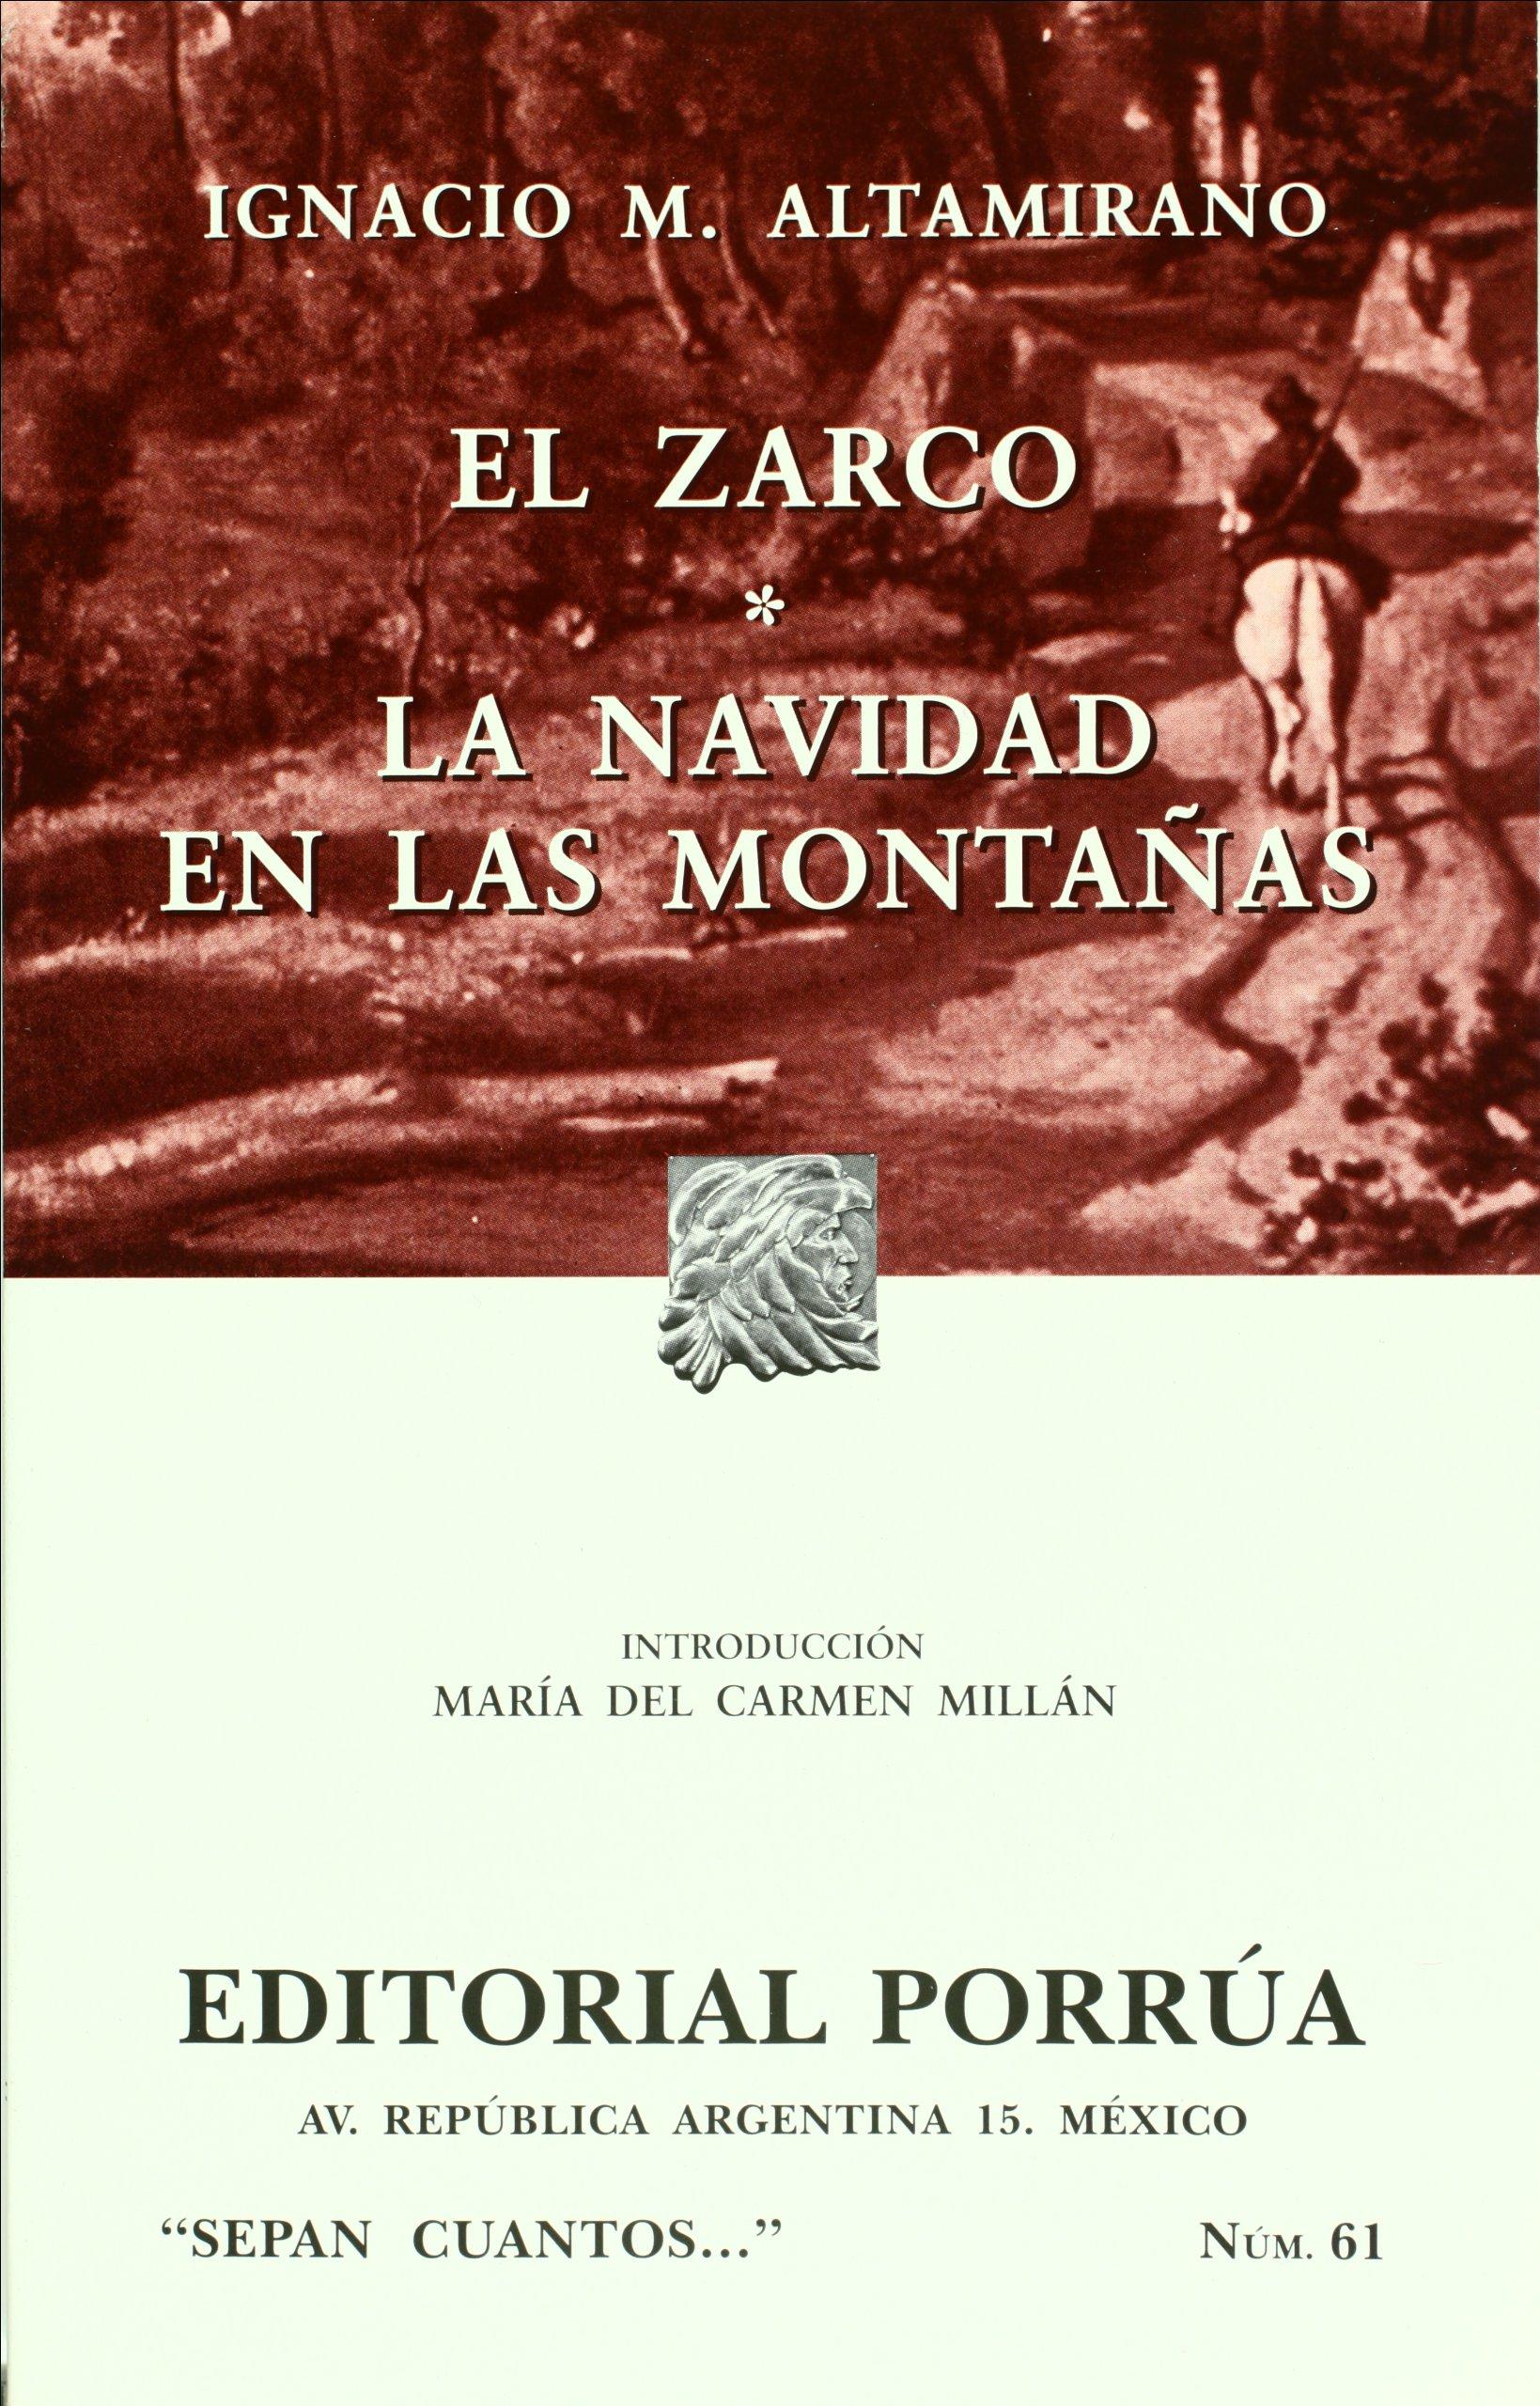 El Zarco (portada puede variar): Ignacio Manuel Altamirano, Editorial  Porrúa S.A. de C.V.: Amazon.com.mx: Libros